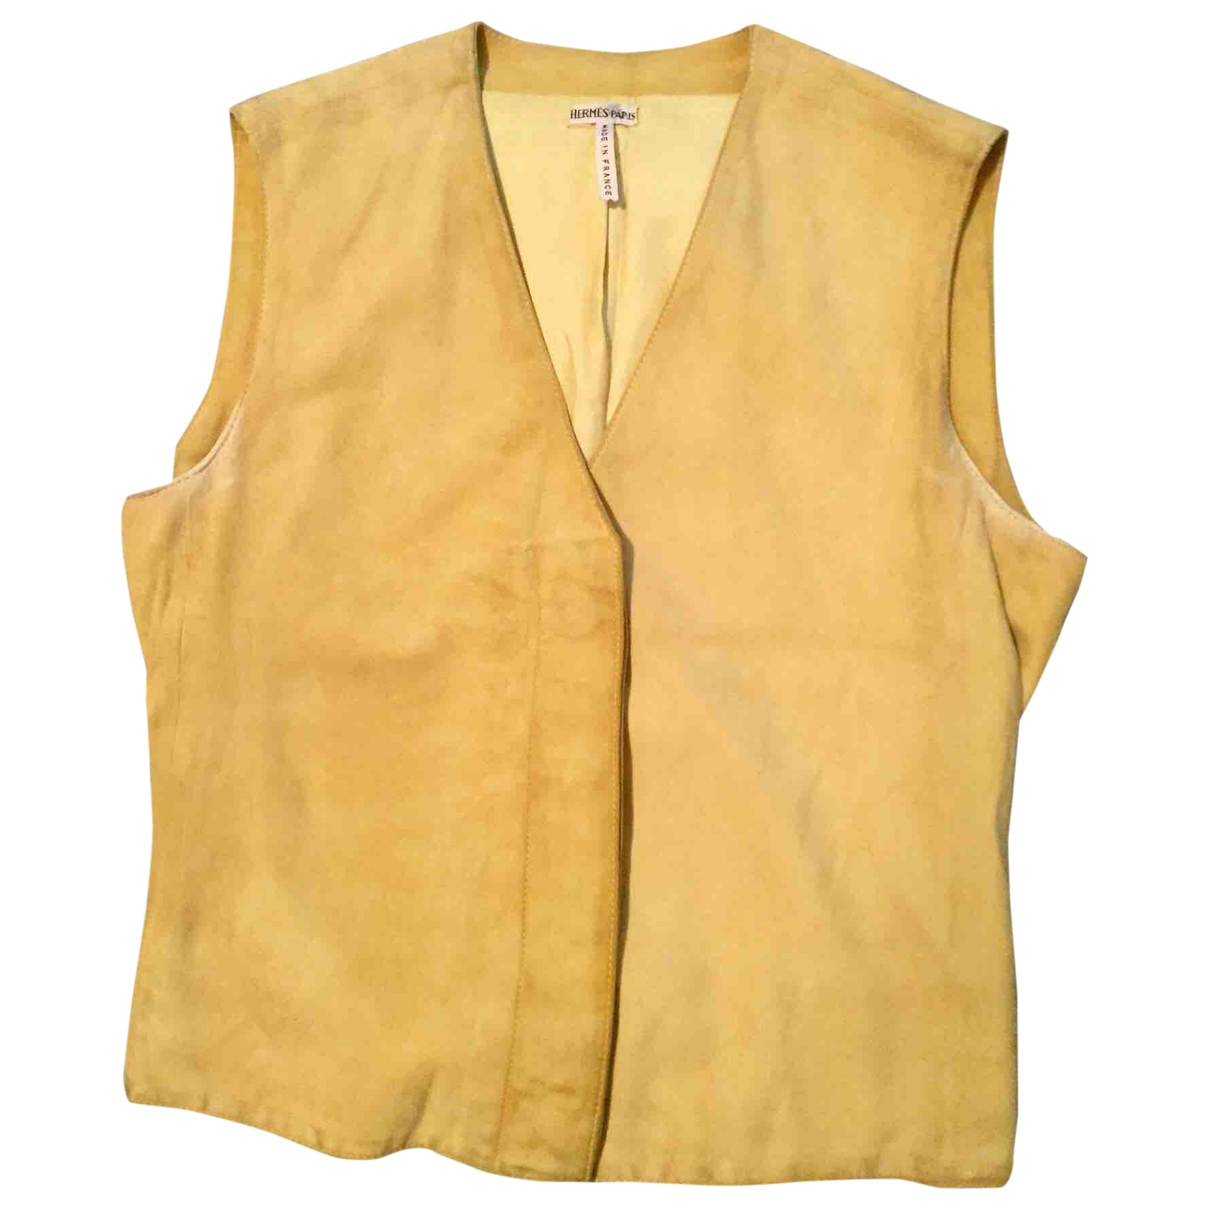 Hermes - Top   pour femme en cuir - jaune